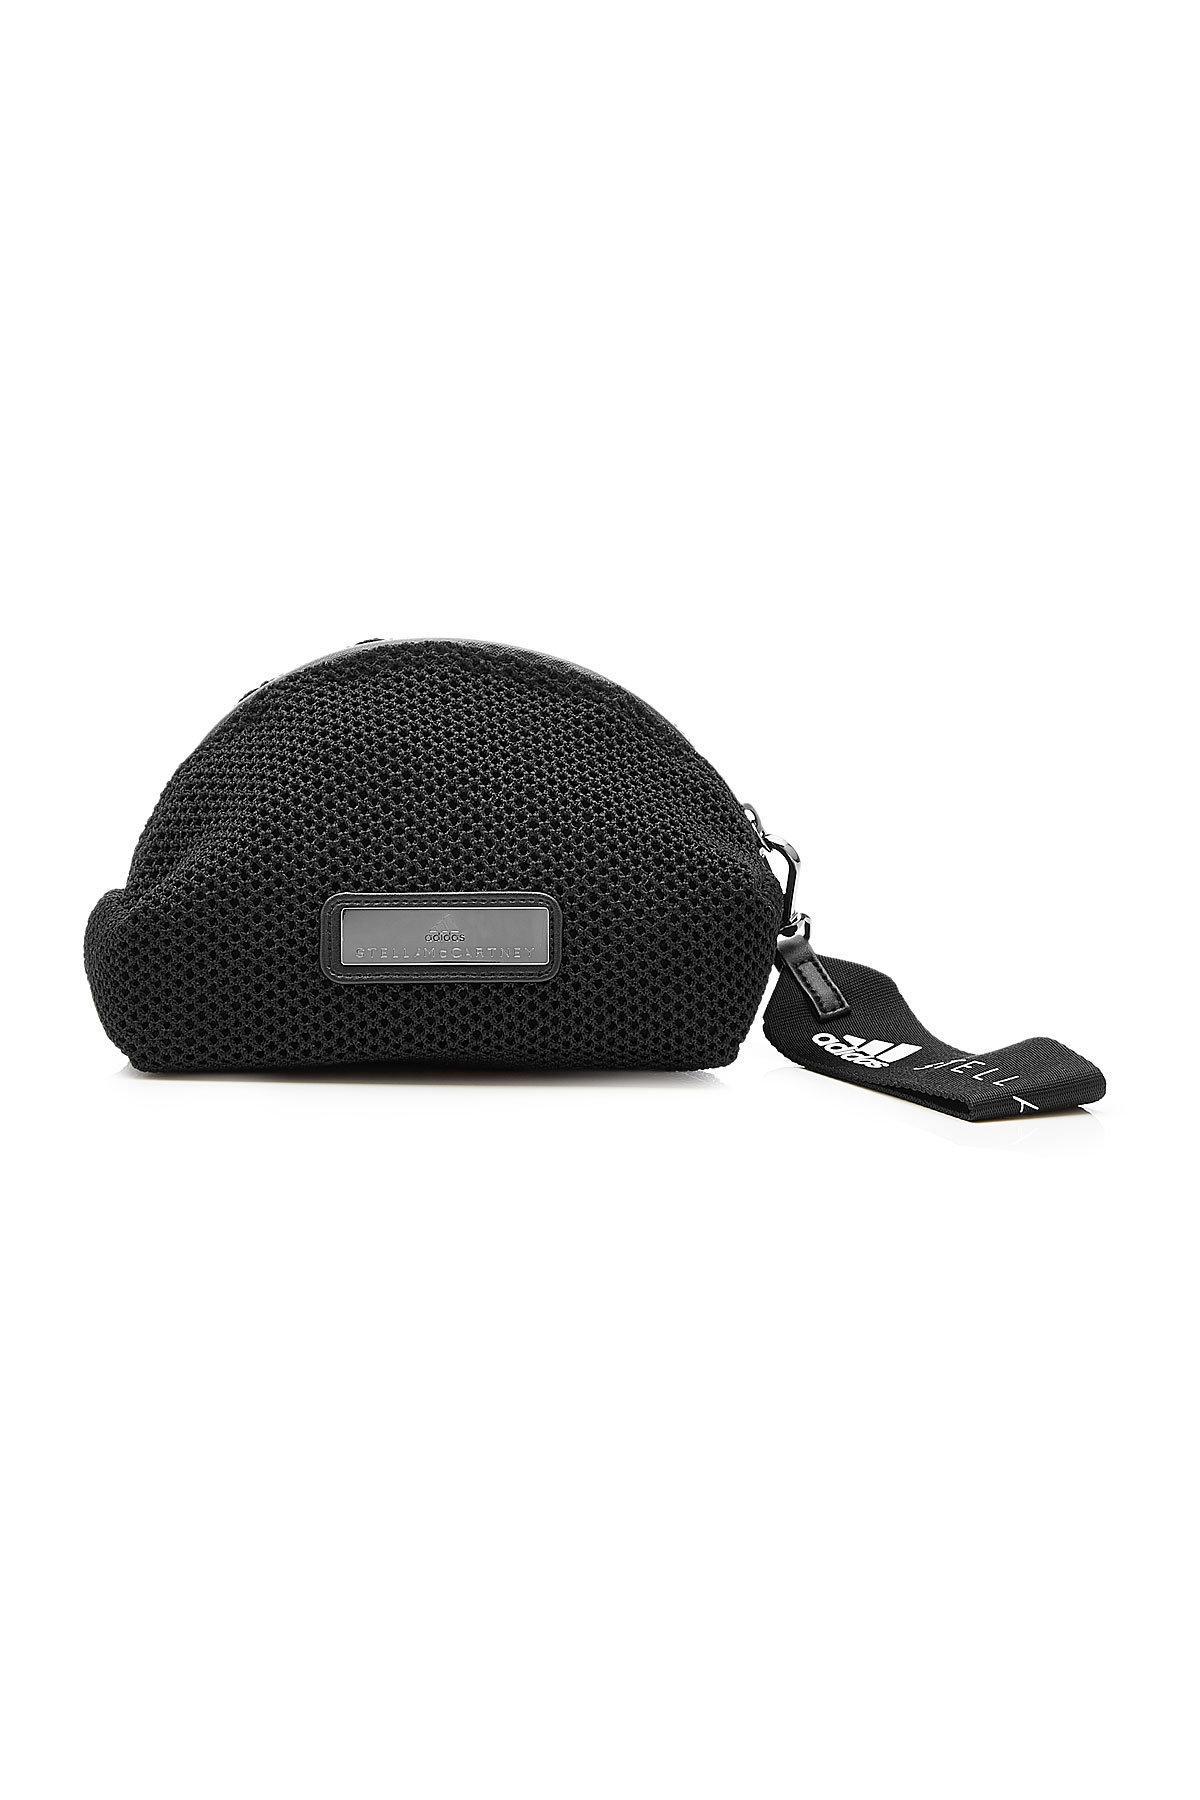 c53915805f03 Lyst - adidas By Stella McCartney Mesh Wash Bag in Black